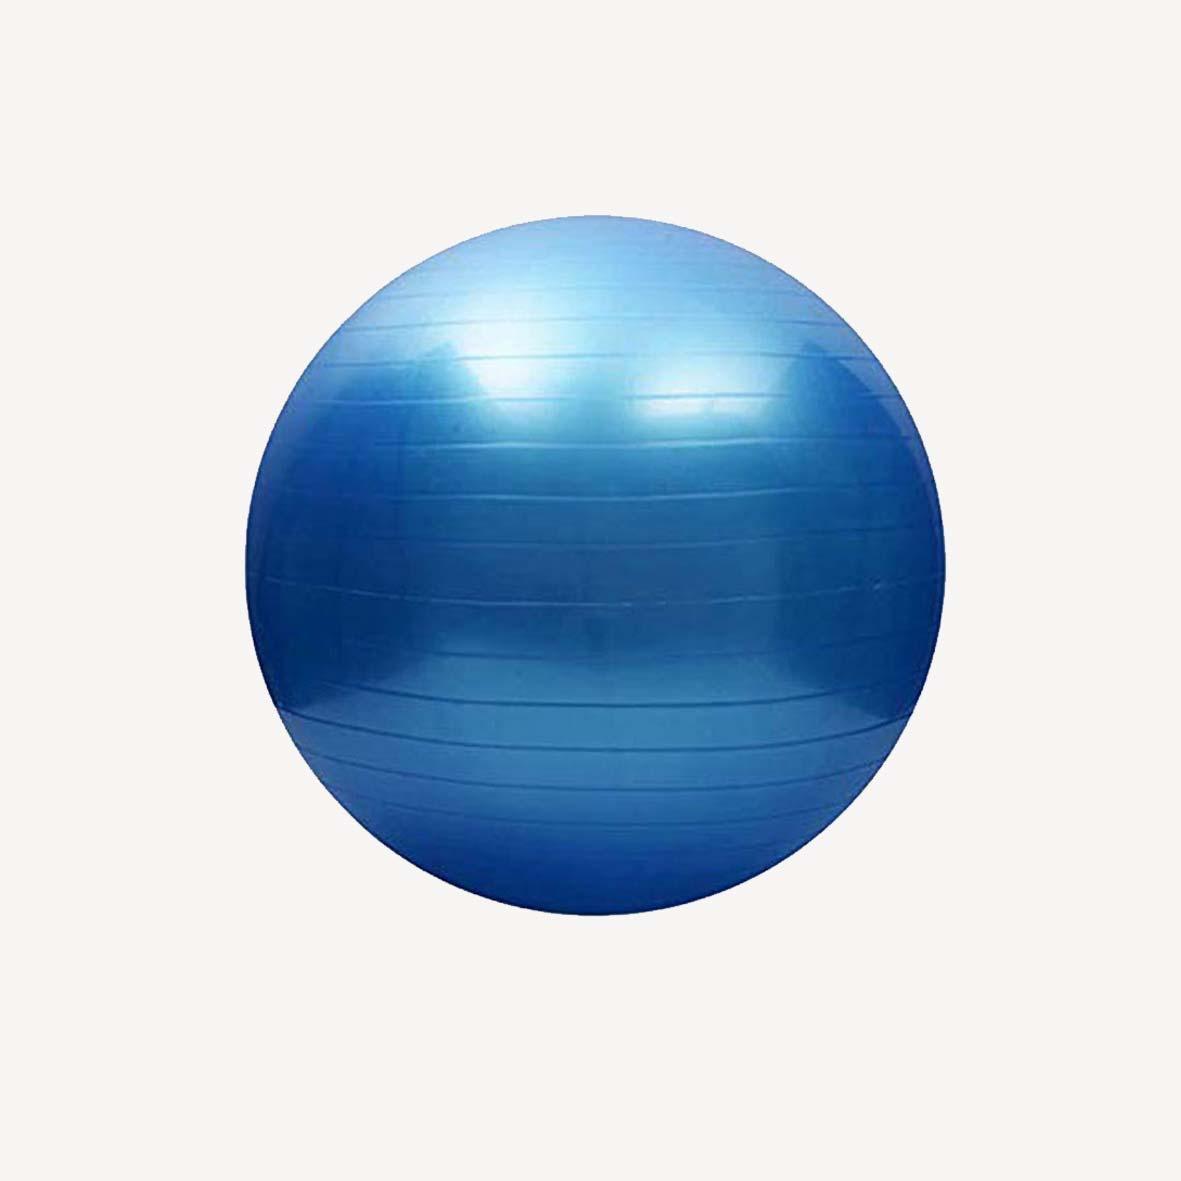 فیزیوبال (جیم بال) براق قطر ۷۵ سانتی متر